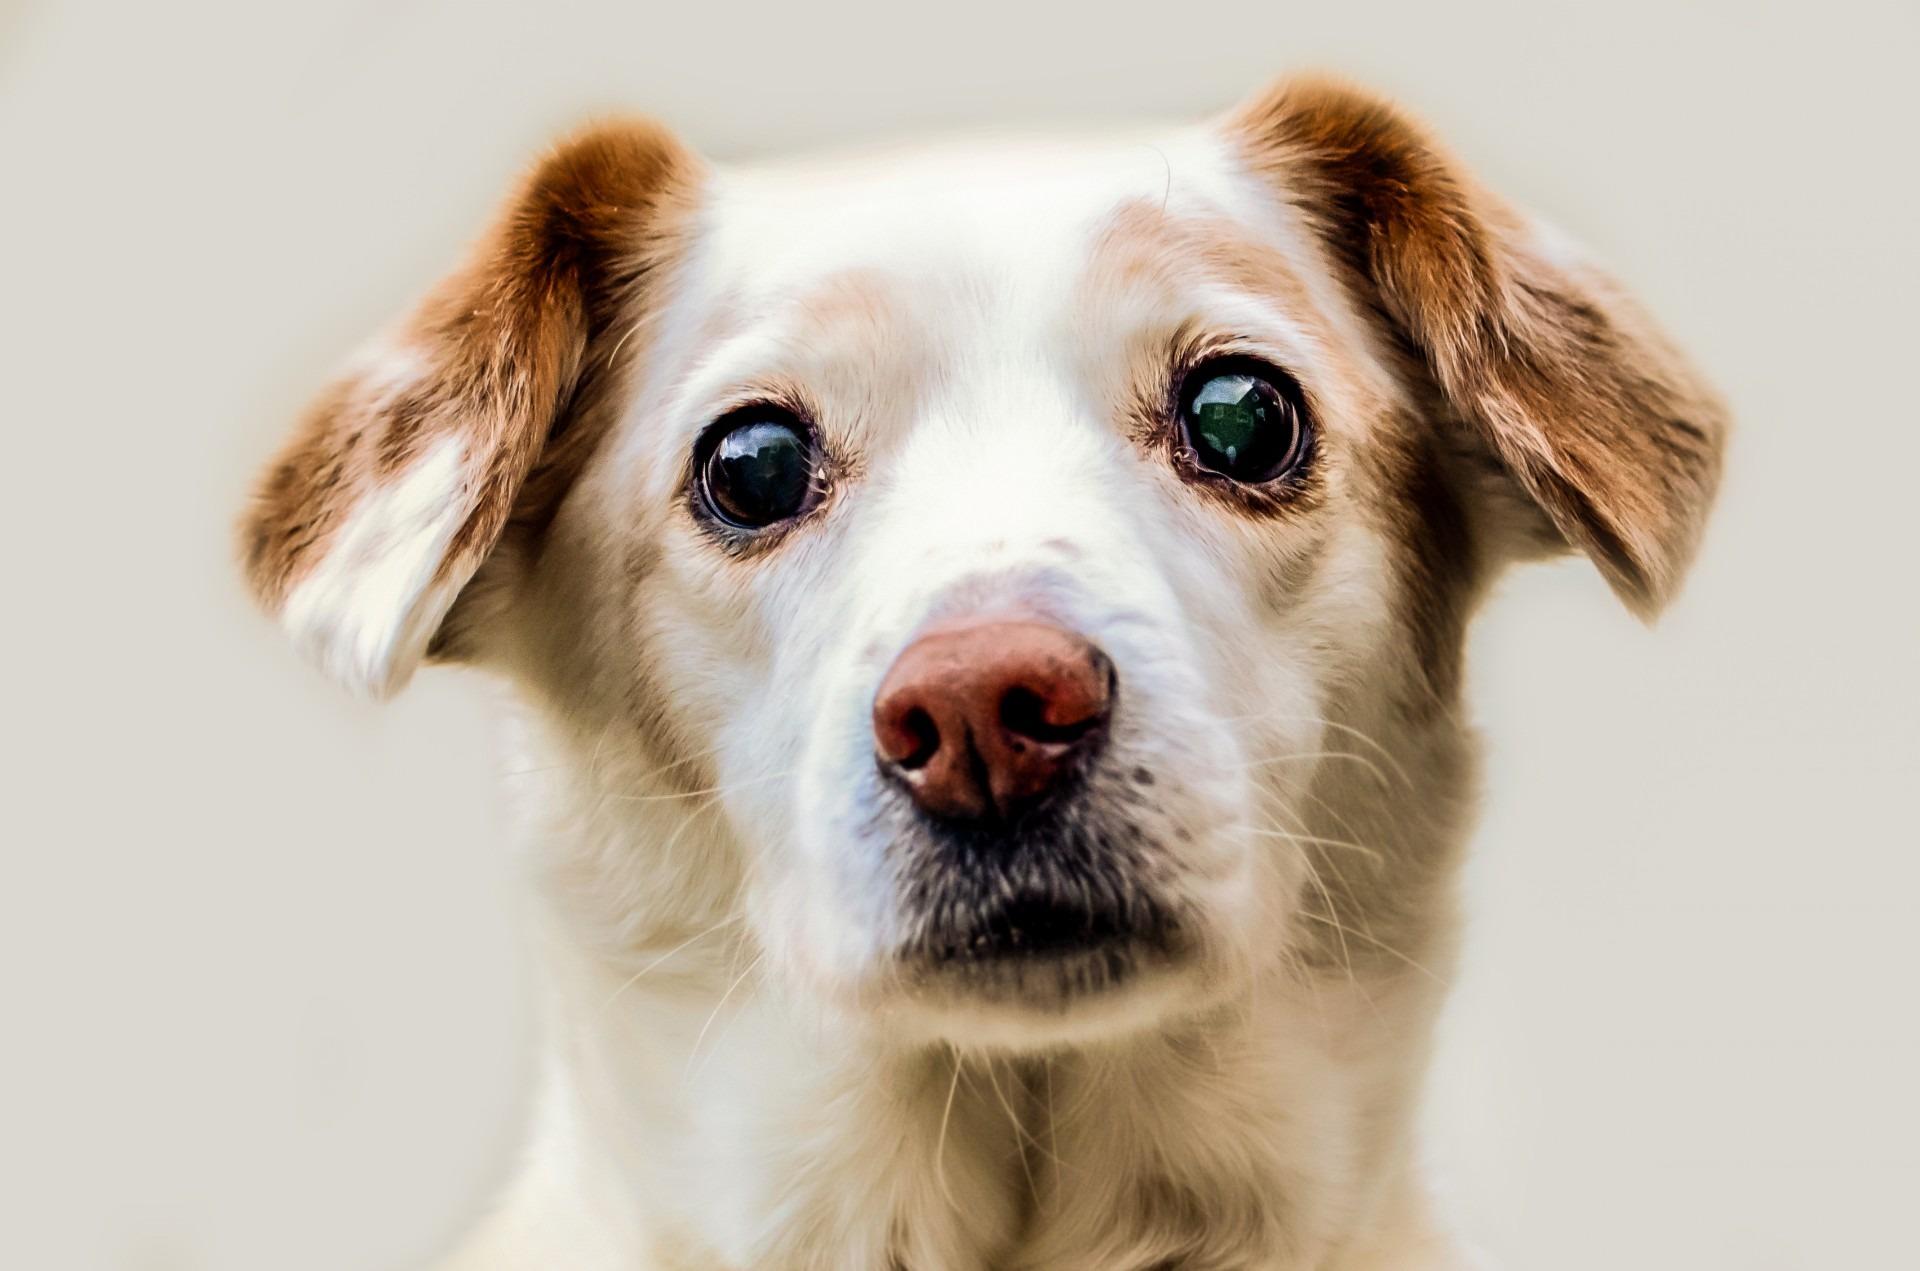 Immagini belle capelli bianca cucciolo da solo - Animale domestico da colorare pagine gratis ...